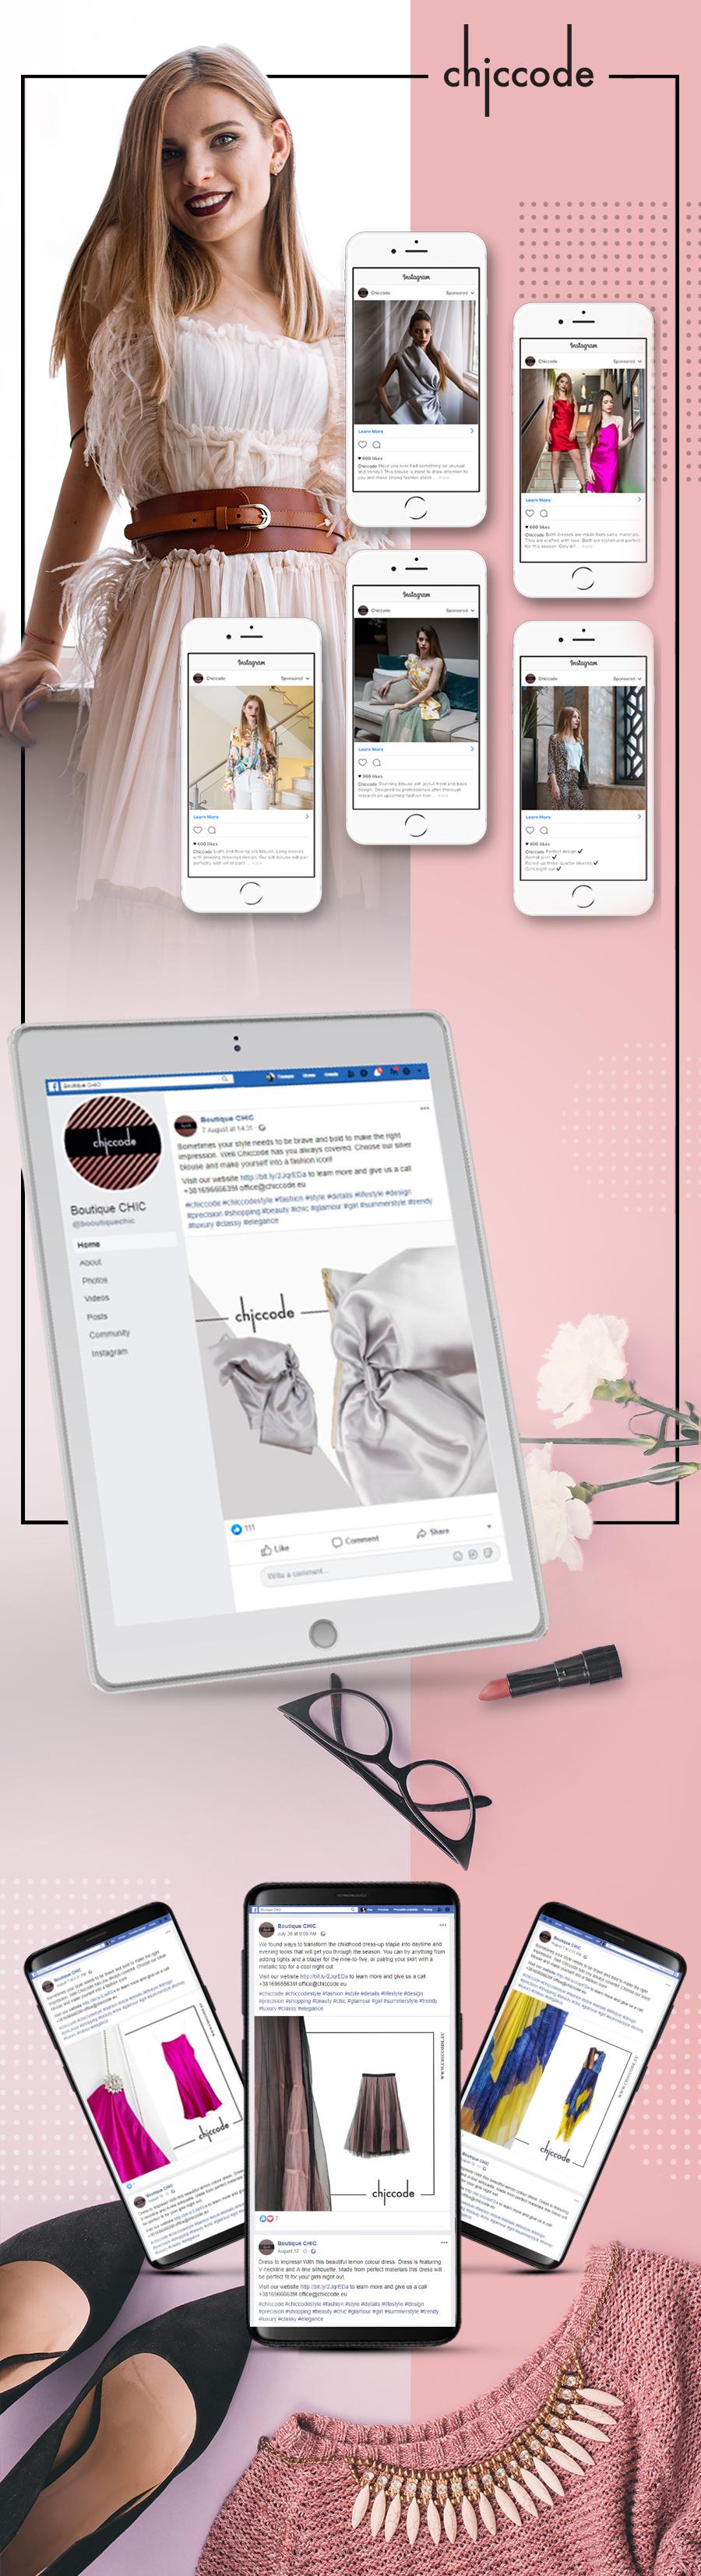 chiccode-portfolio-social